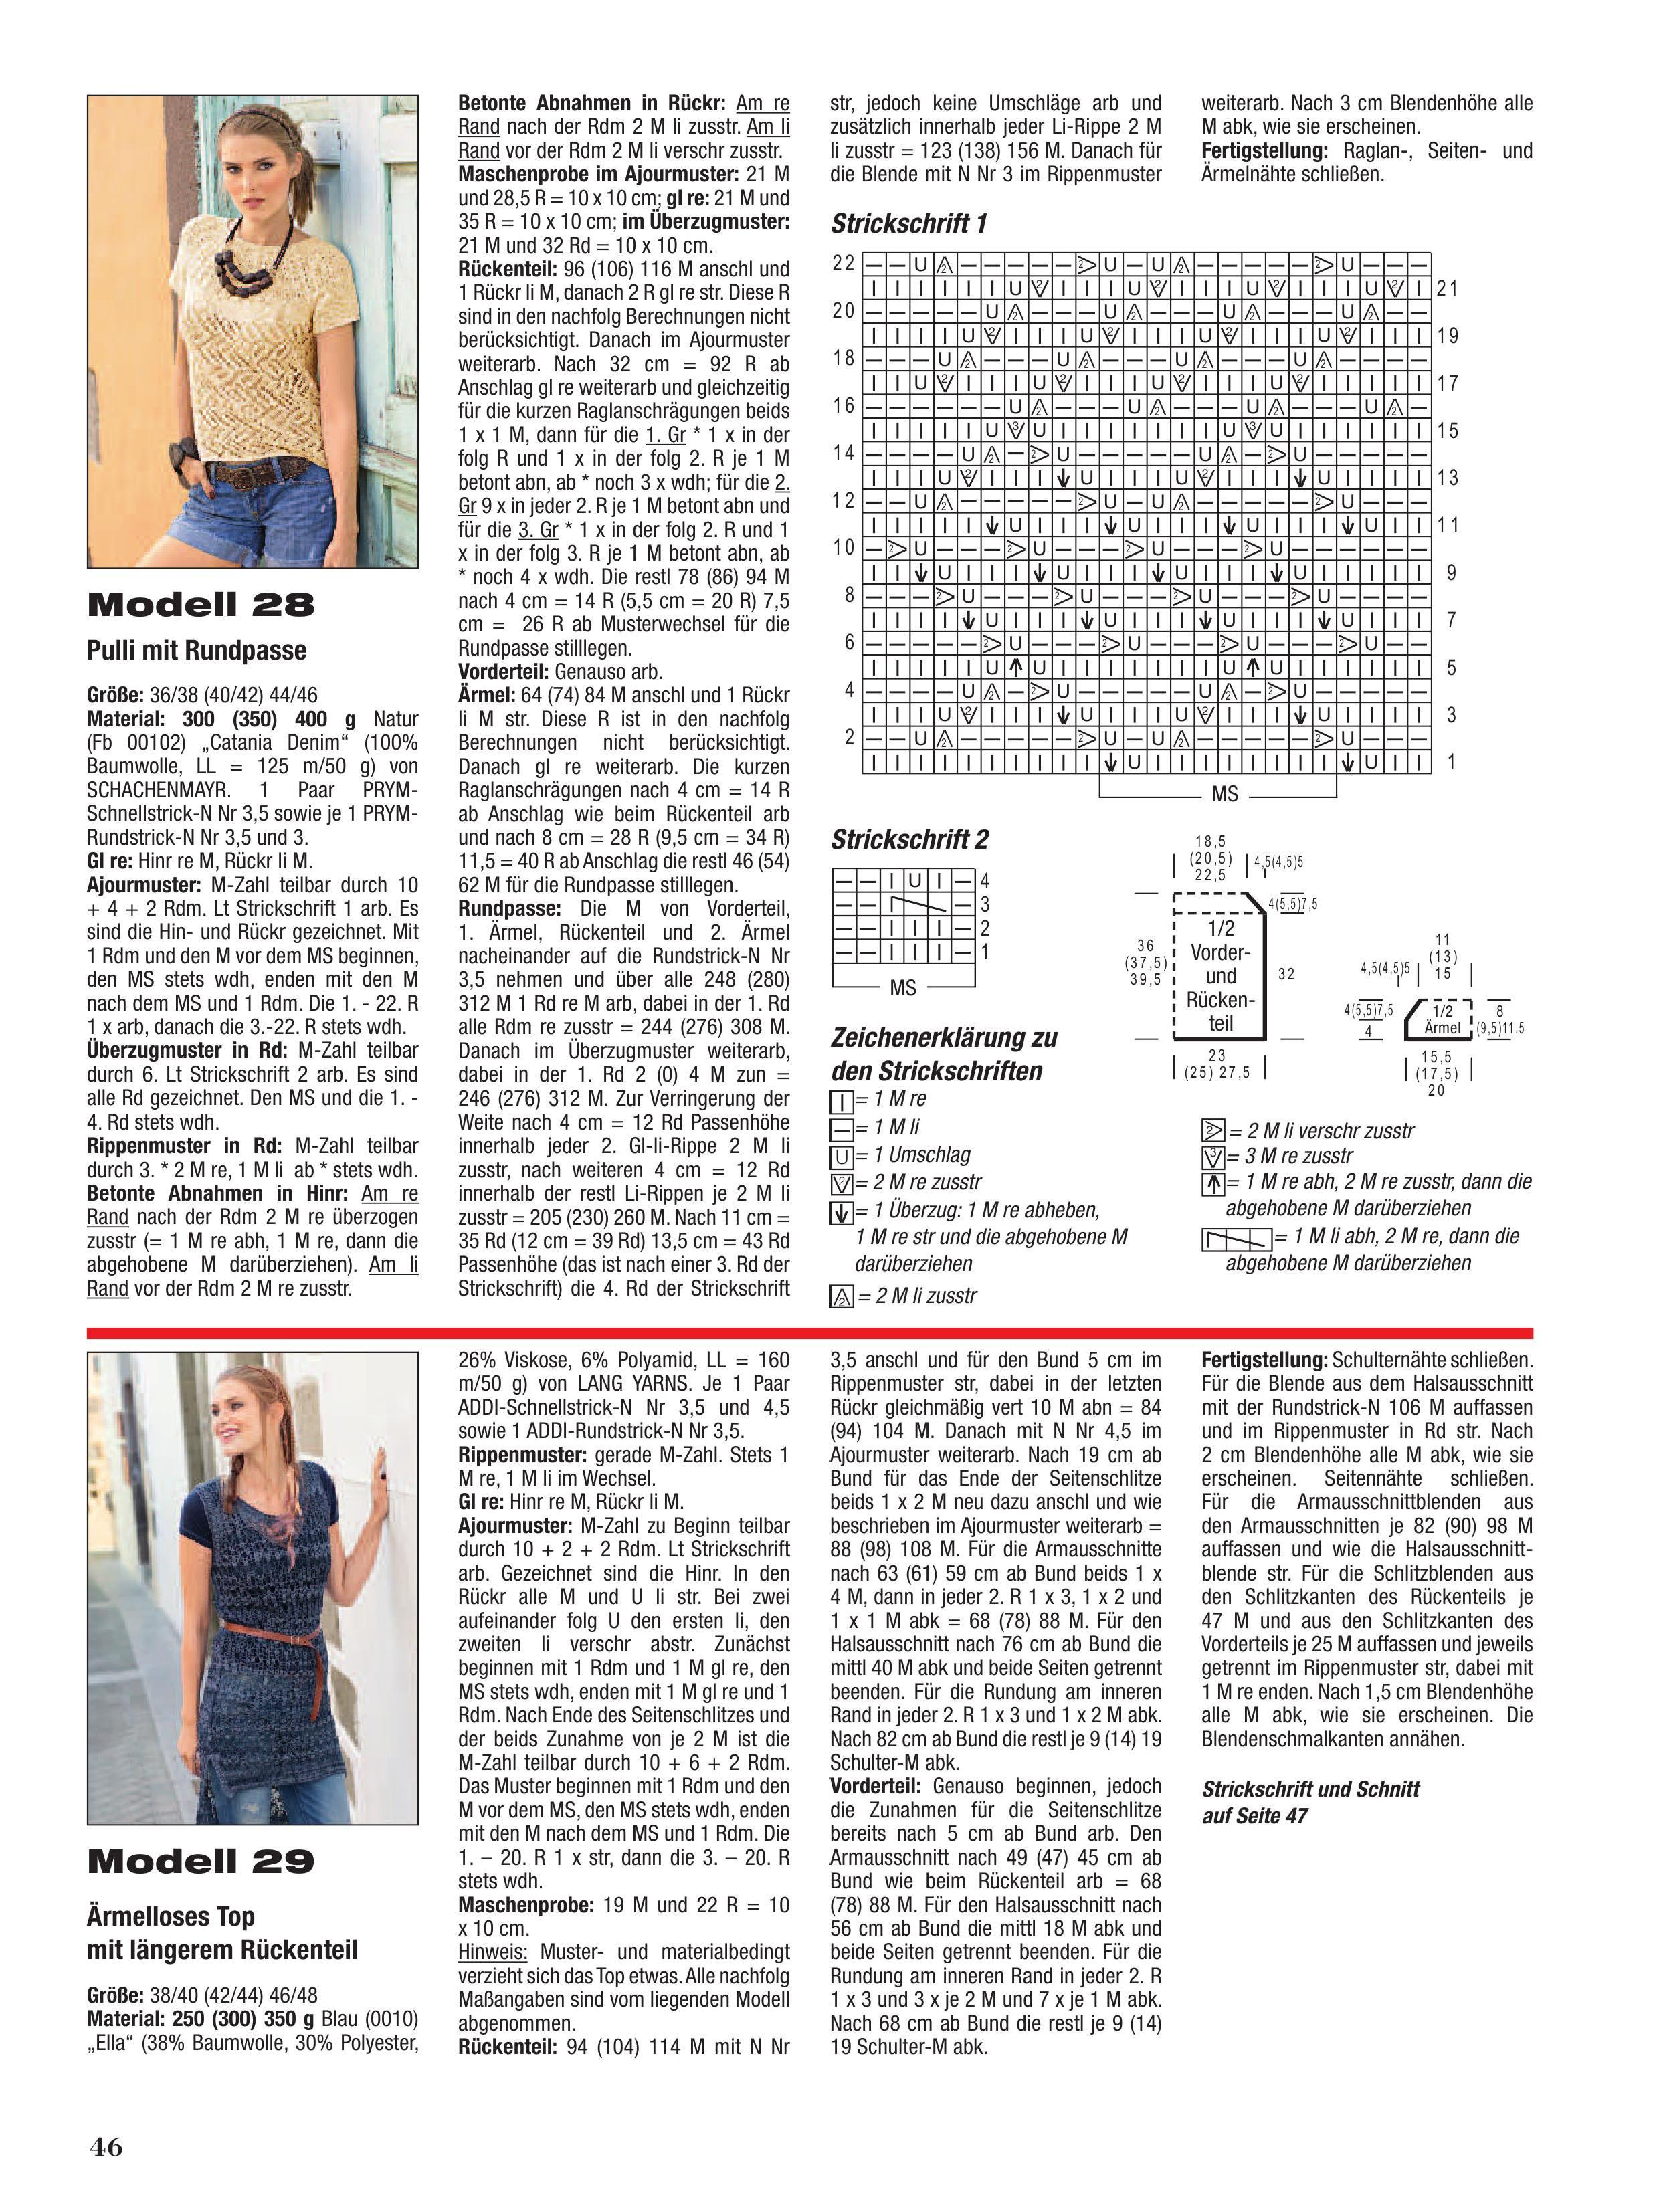 Журнал сабрина вязание крючком 2018 со схемами 70